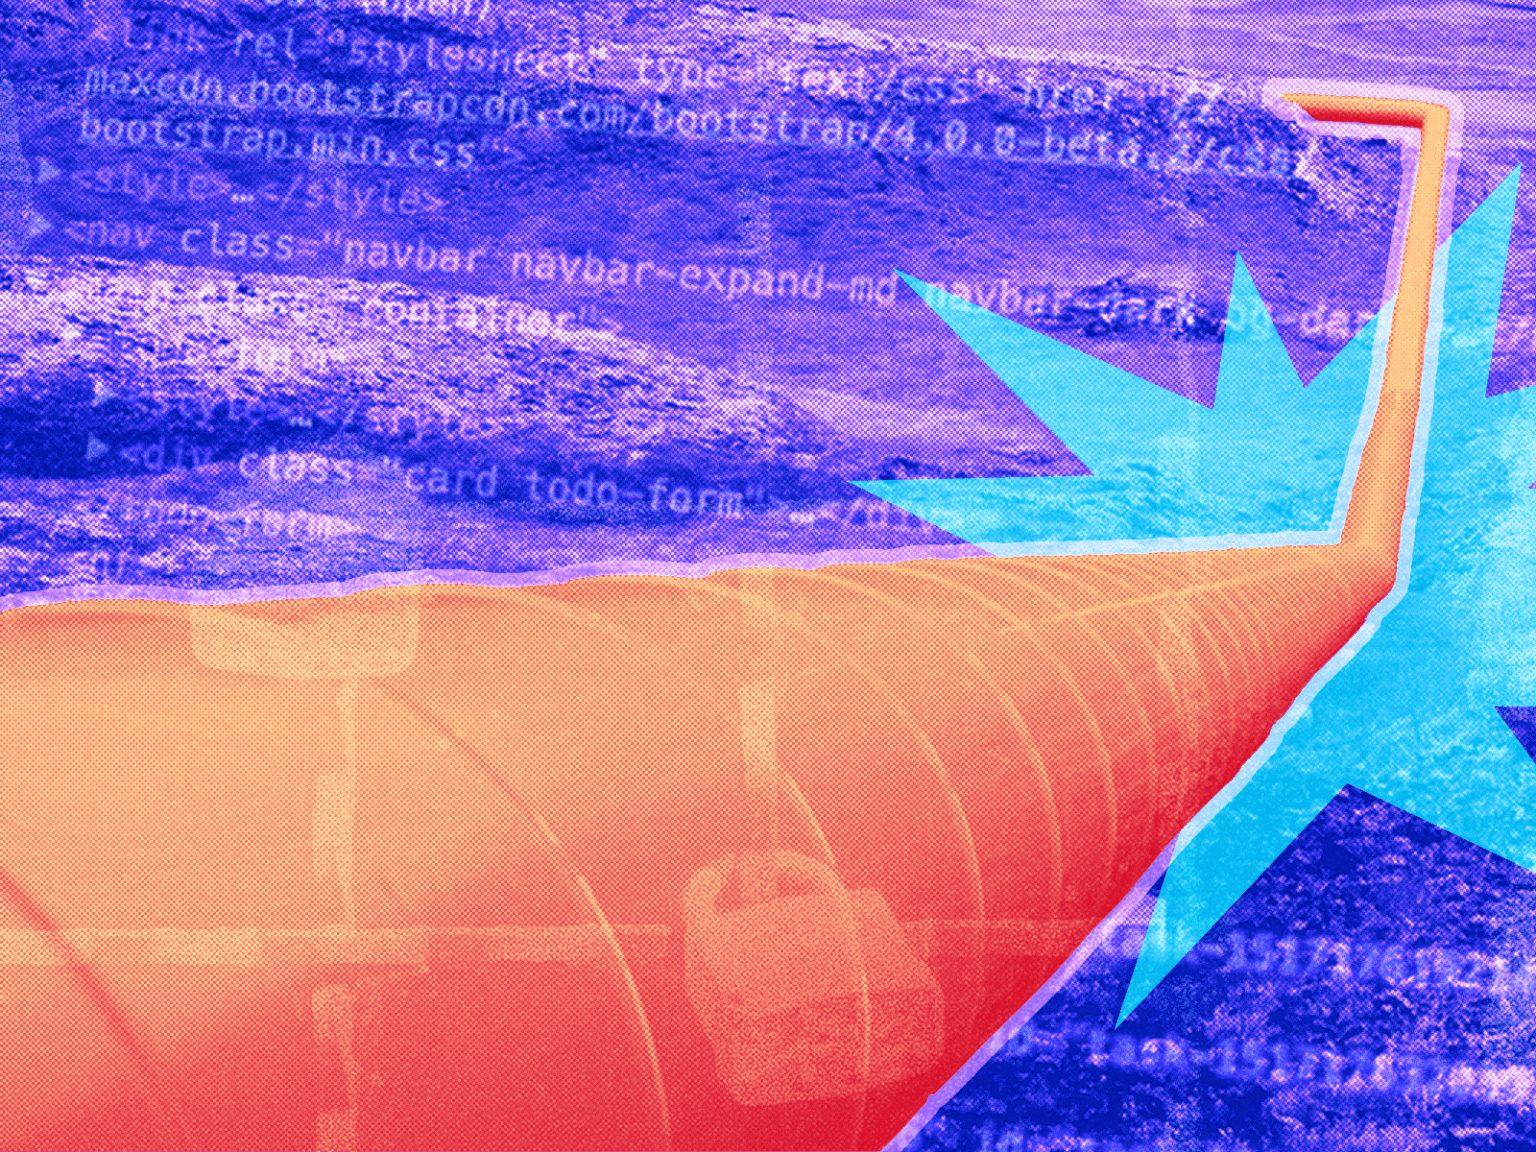 Colonial Pipeline Attack Profile